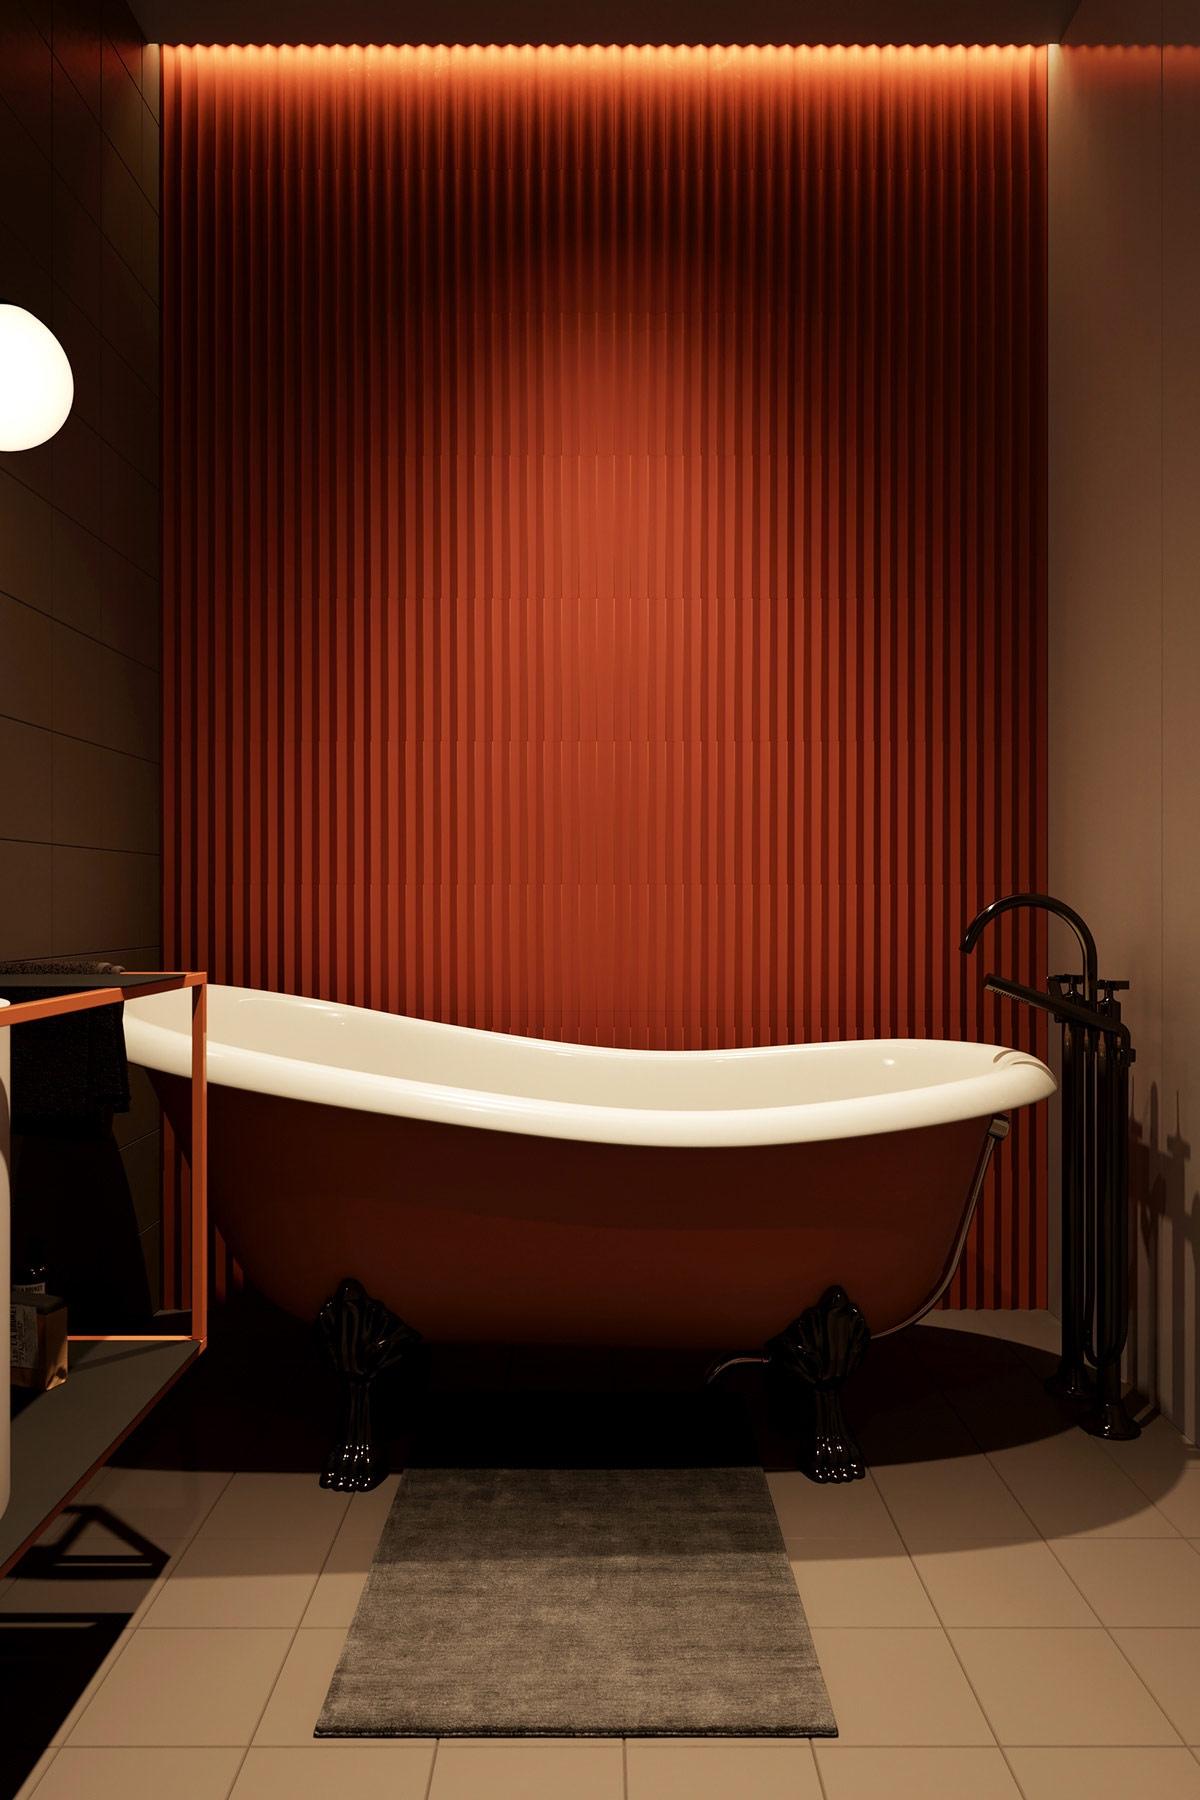 Chiếc bồn tắm màu cam quá nổi bật, là điểm nhấn nổi bật trong không gian